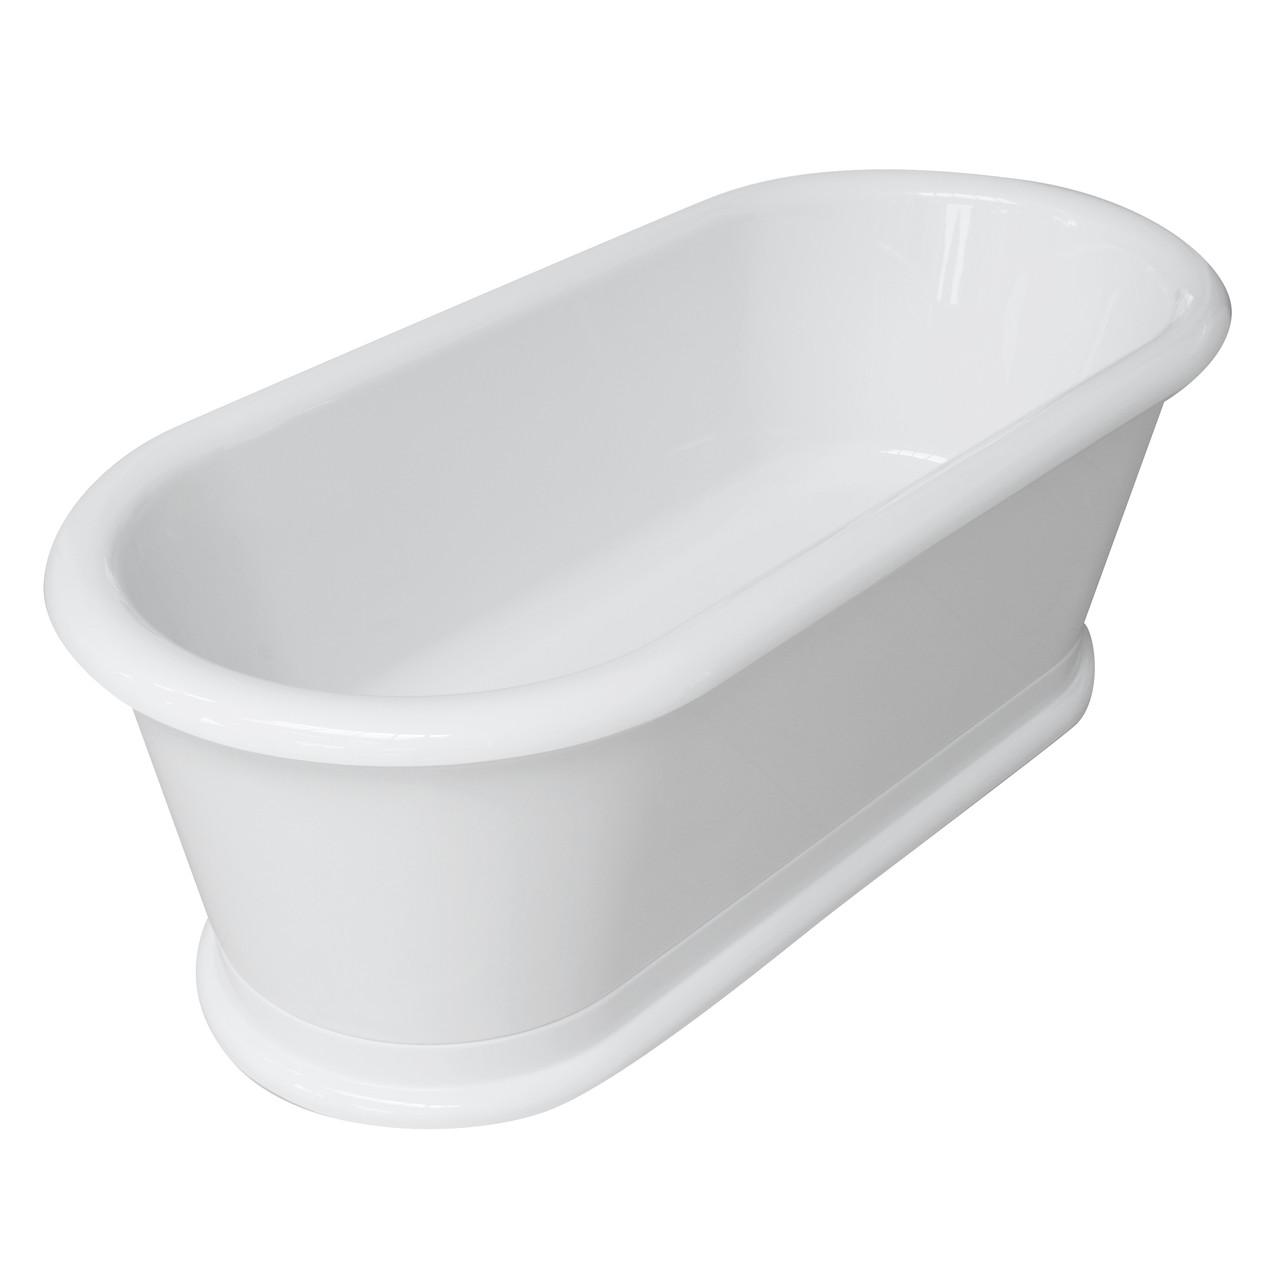 Ванна акриловая отдельностоящая Volle 180х85х63,5 с сифоном